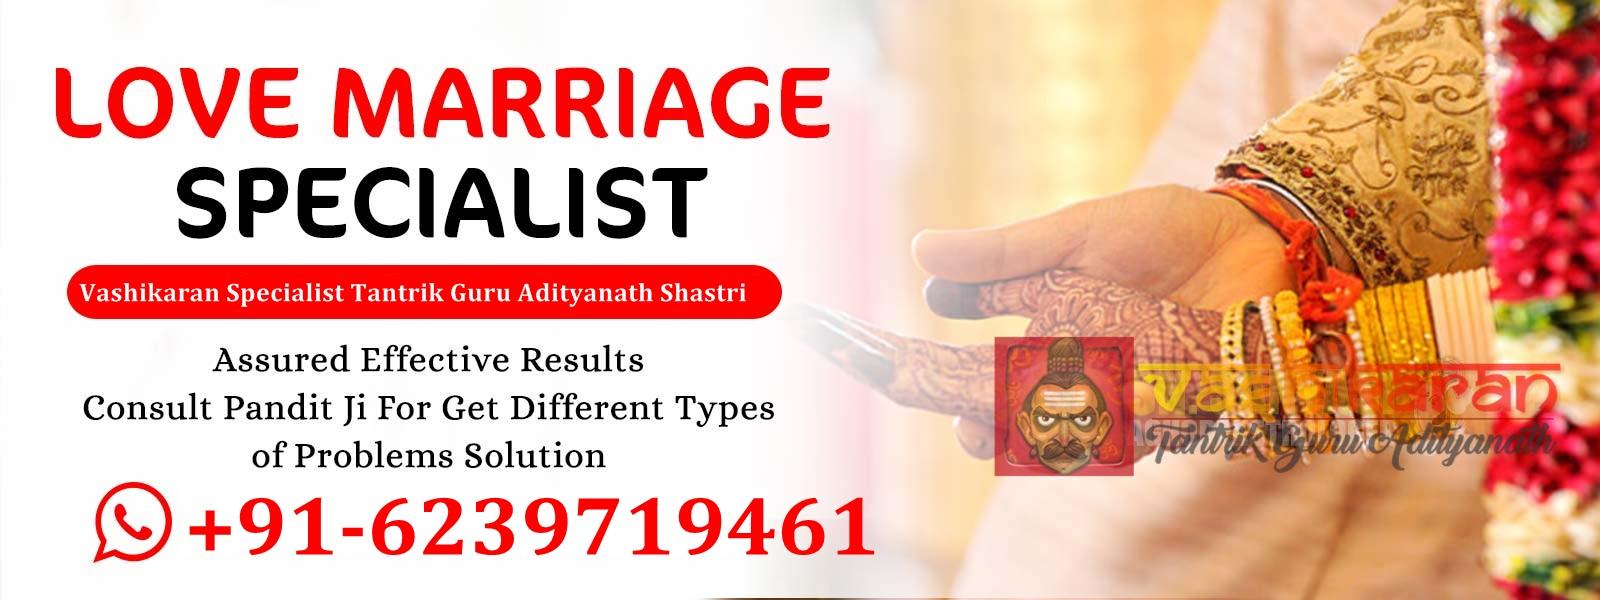 top vashikaran specialist astrologer